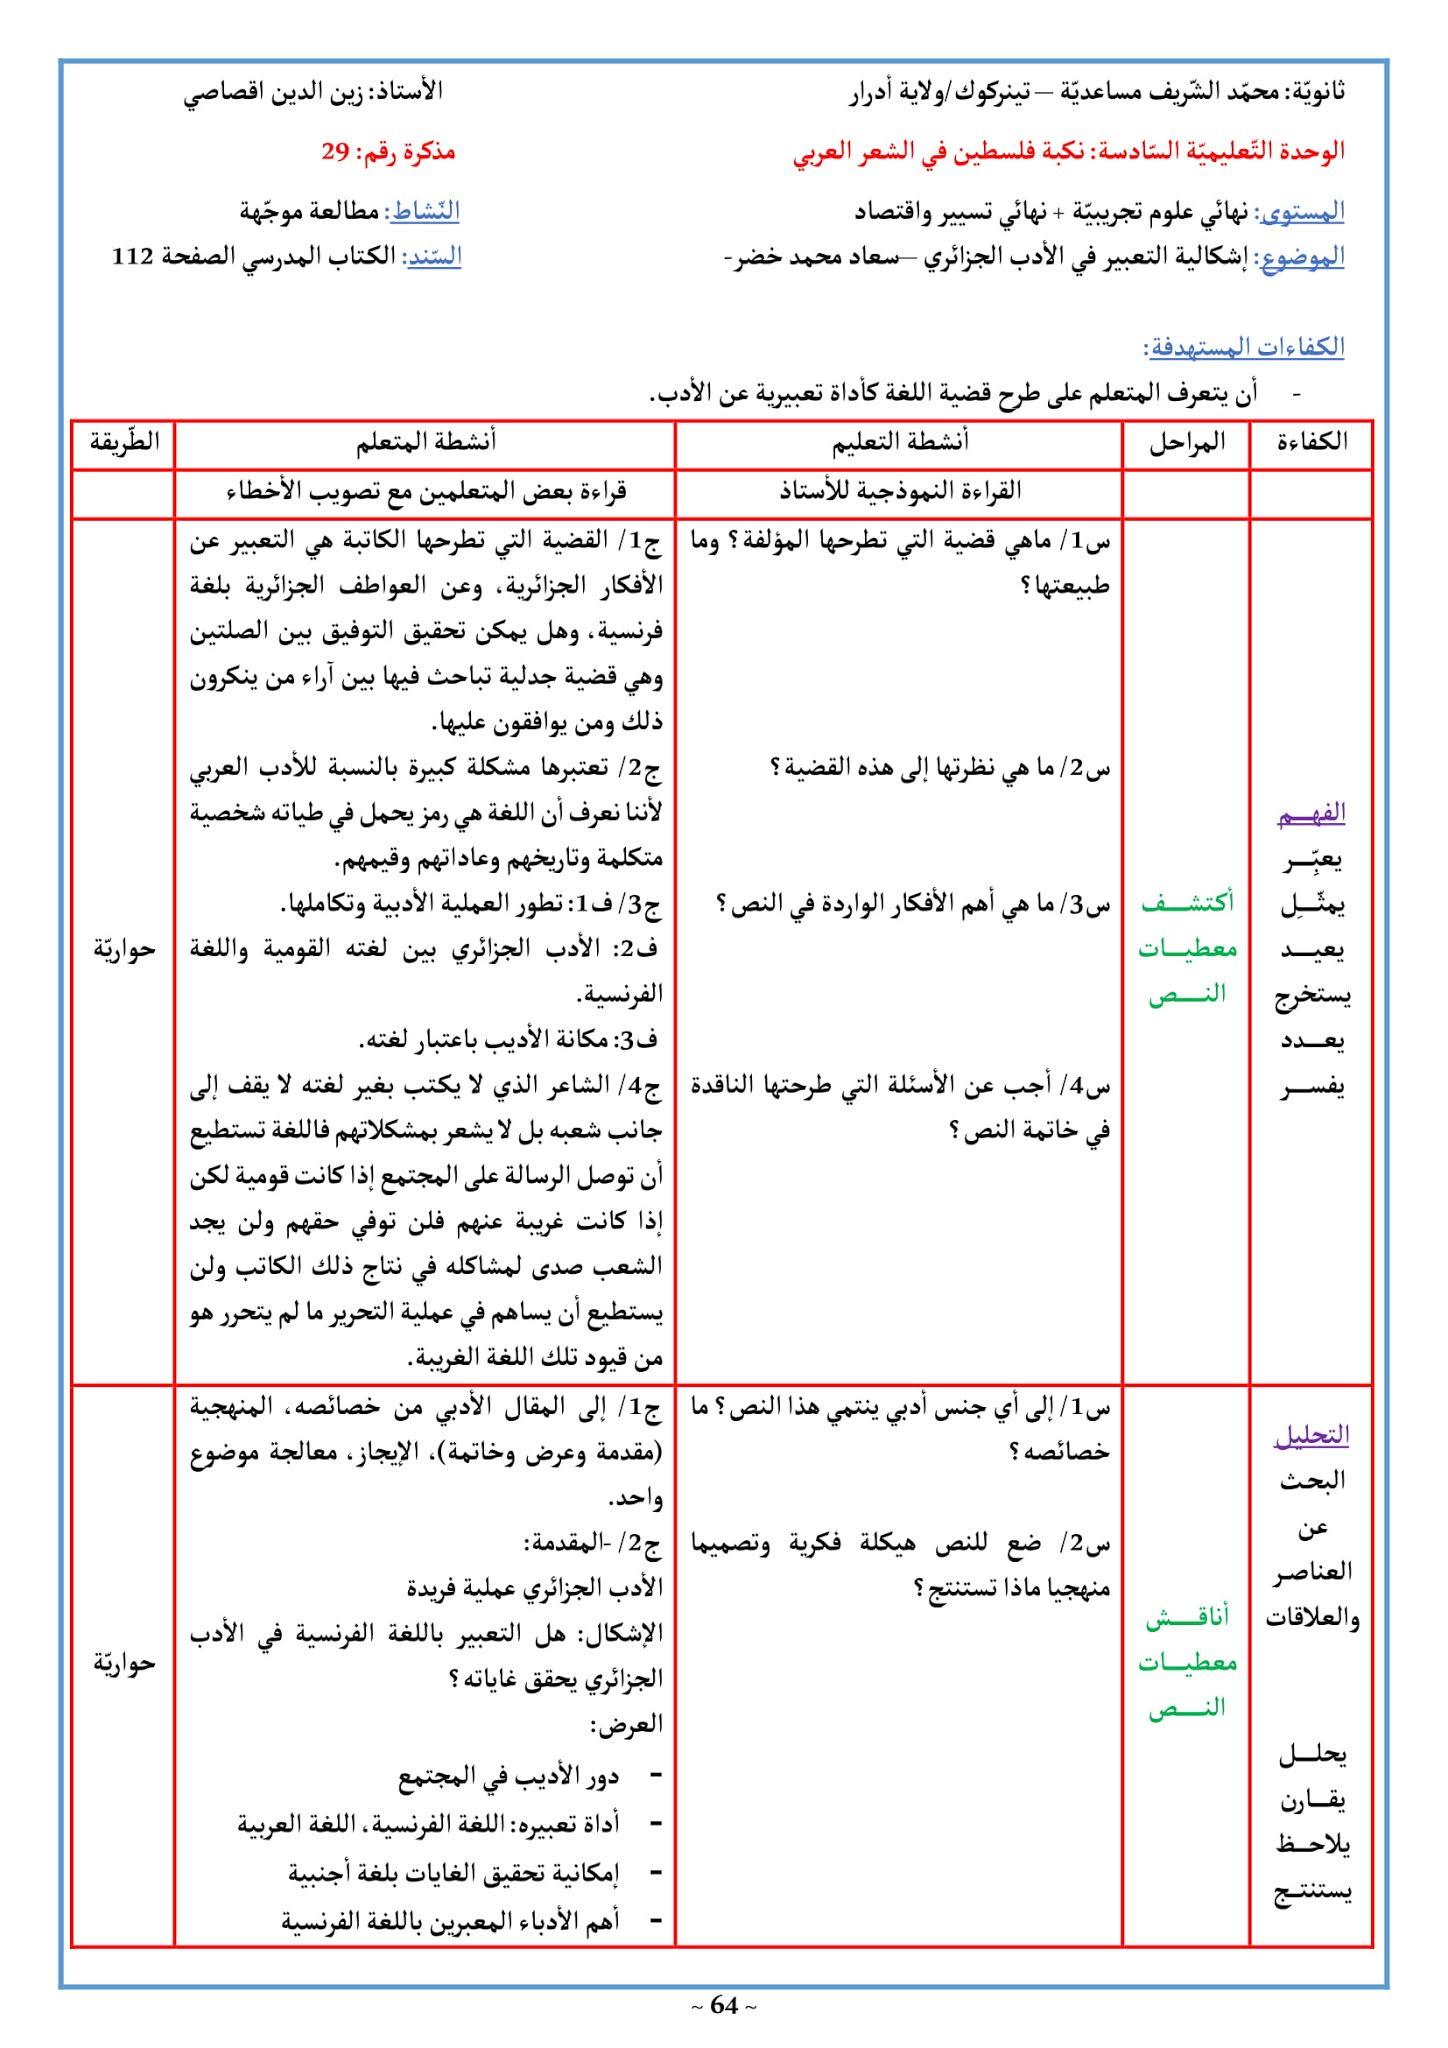 تحضير نص إشكالية التعبير في الأدب الجزائري 3 ثانوي علمي